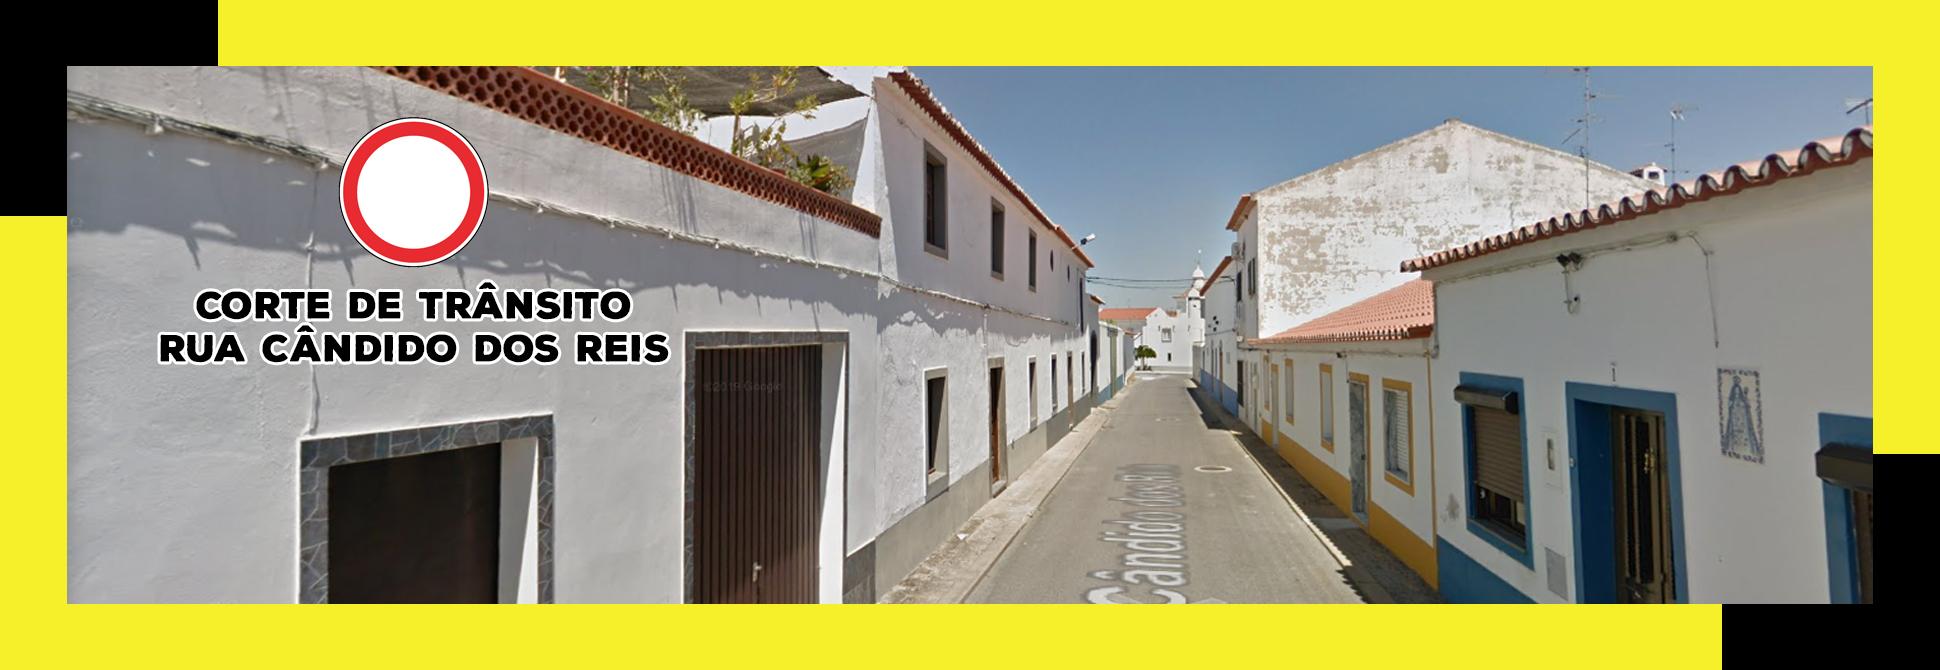 Corte Trânsito – Rua Cândido dos Reis